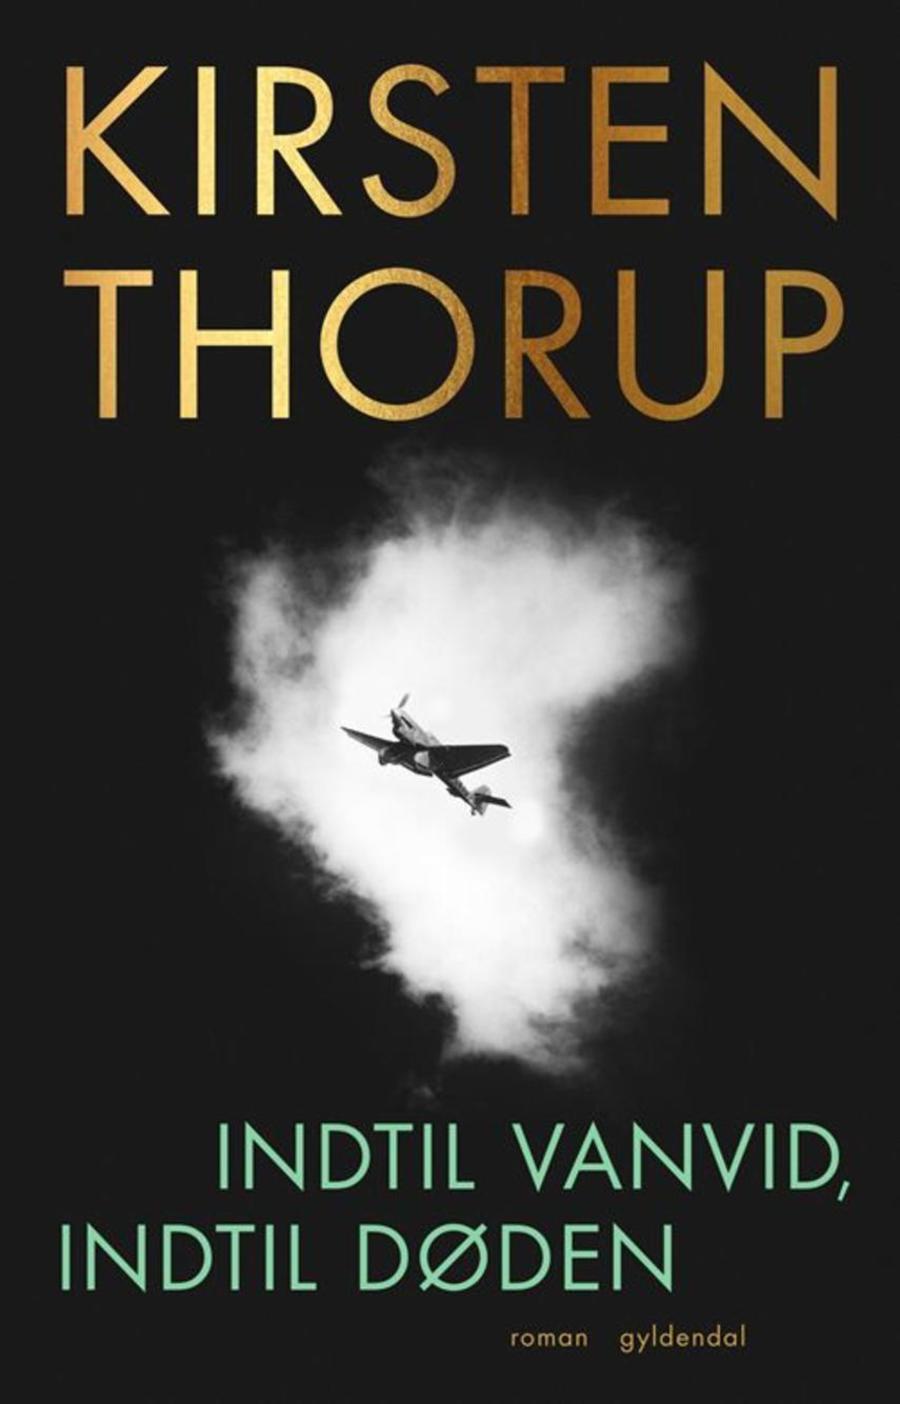 Billede af bogforsiden af Indtil vanvid, indtil døden af Kirsten Thorup